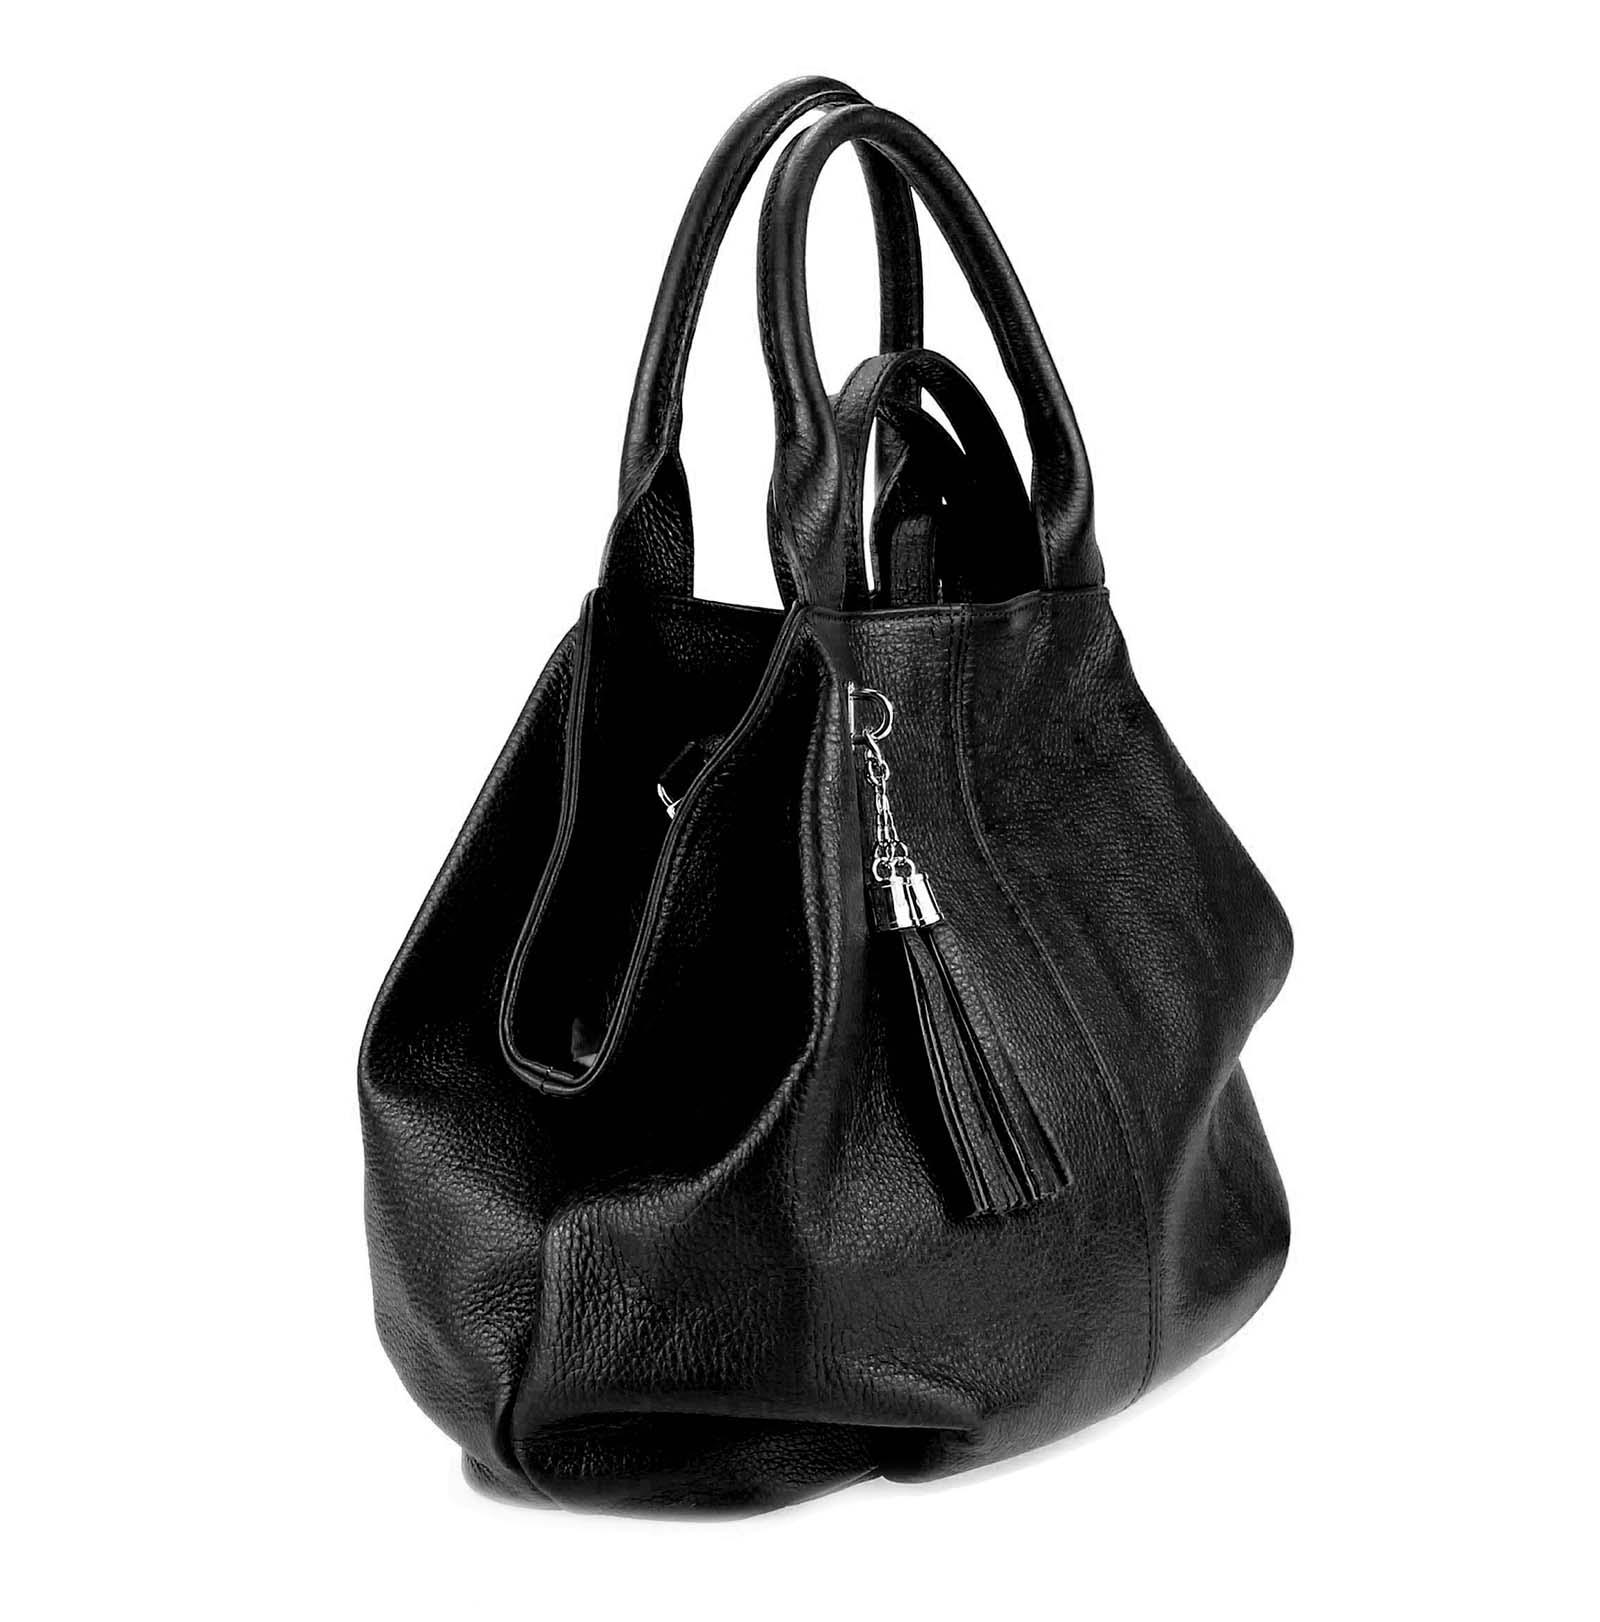 ITALY-LEDER-SHOPPER-Umhaengetasche-Schulter-Hand-Tasche-Damentasche-Ledertasche Indexbild 24